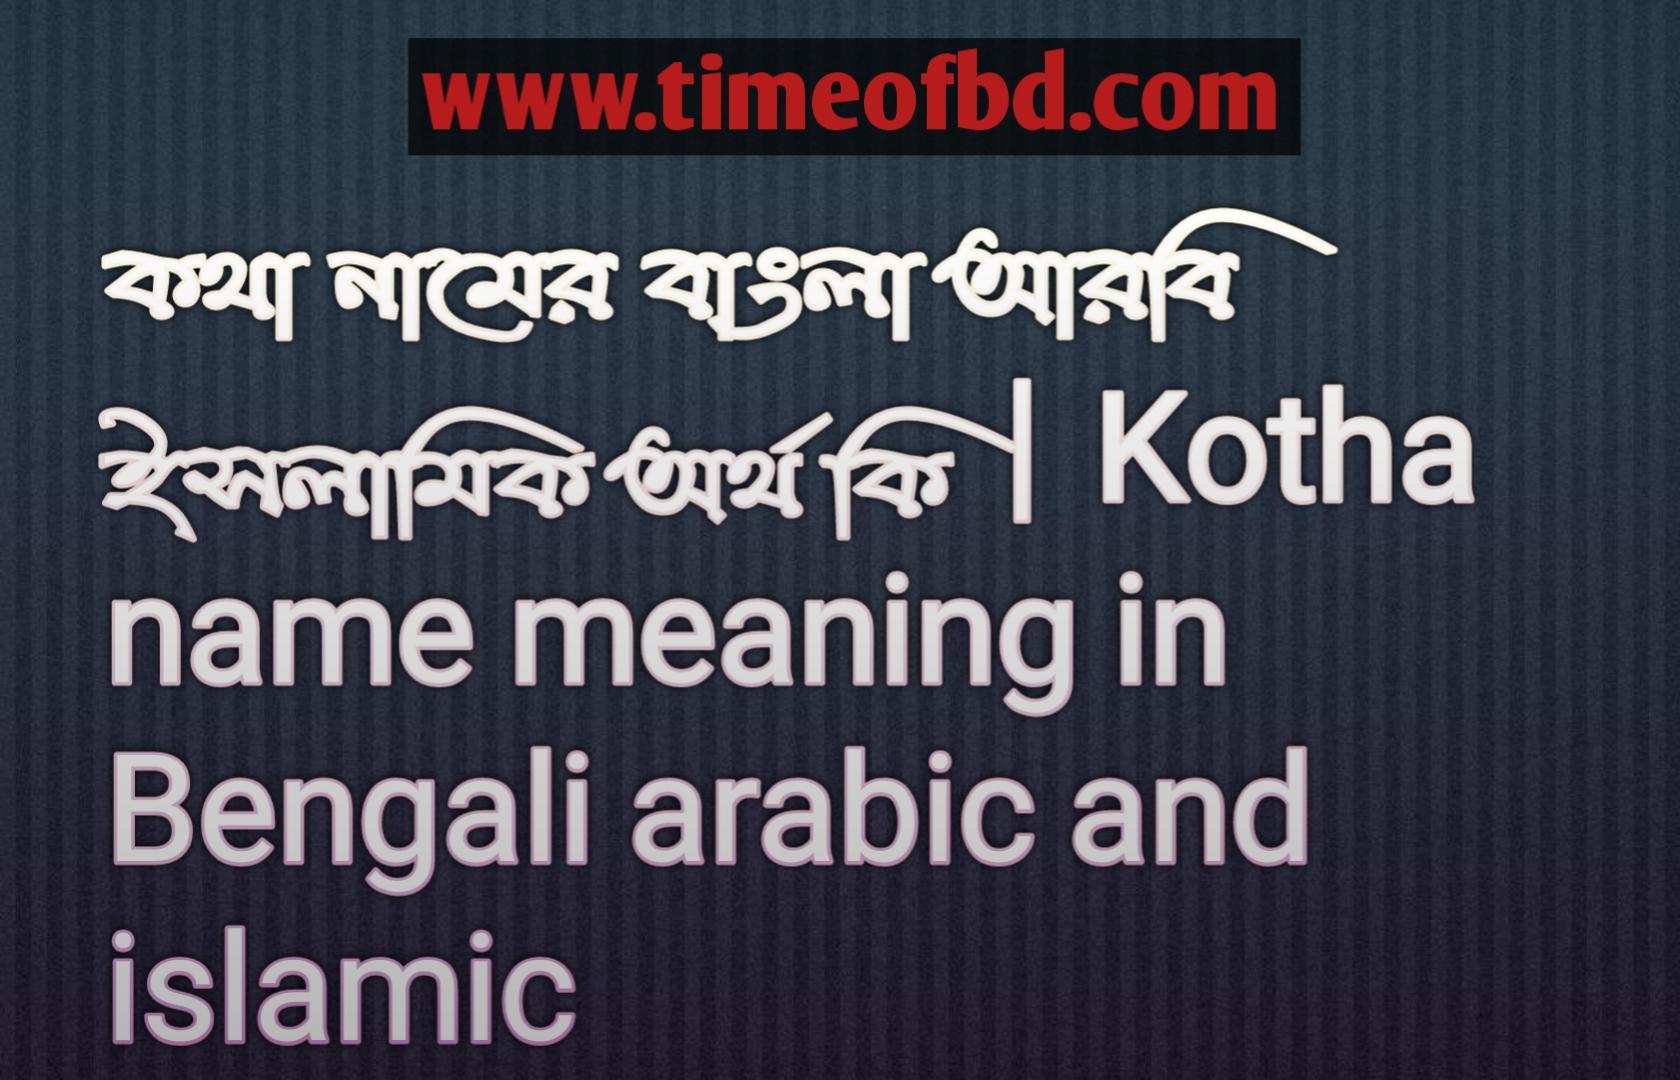 কথা নামের অর্থ কি, কথা নামের বাংলা অর্থ কি, কথা নামের ইসলামিক অর্থ কি, Kotha name meaning in Bengali, কথা কি ইসলামিক নাম,